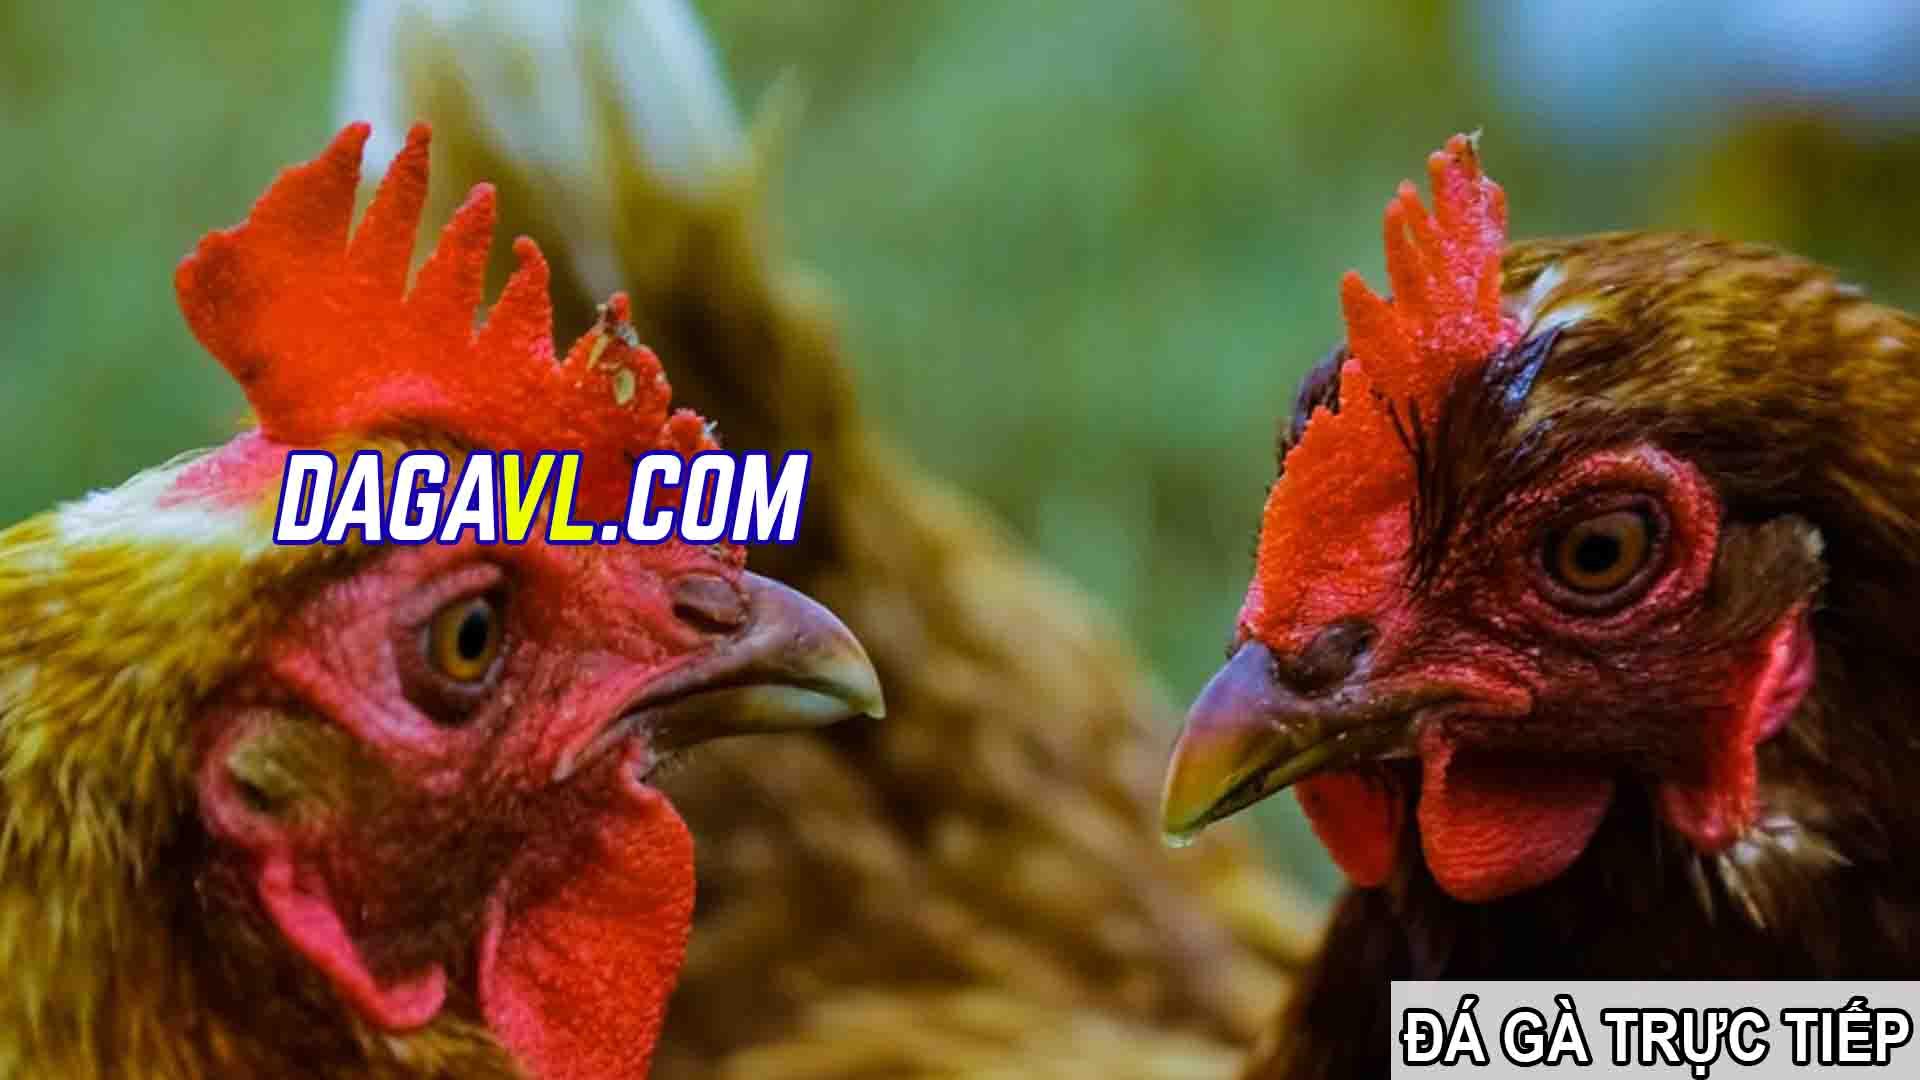 DAGAVL.COM - đá gà trực tiếp. SPAM bán gà đá trên Facebook hay